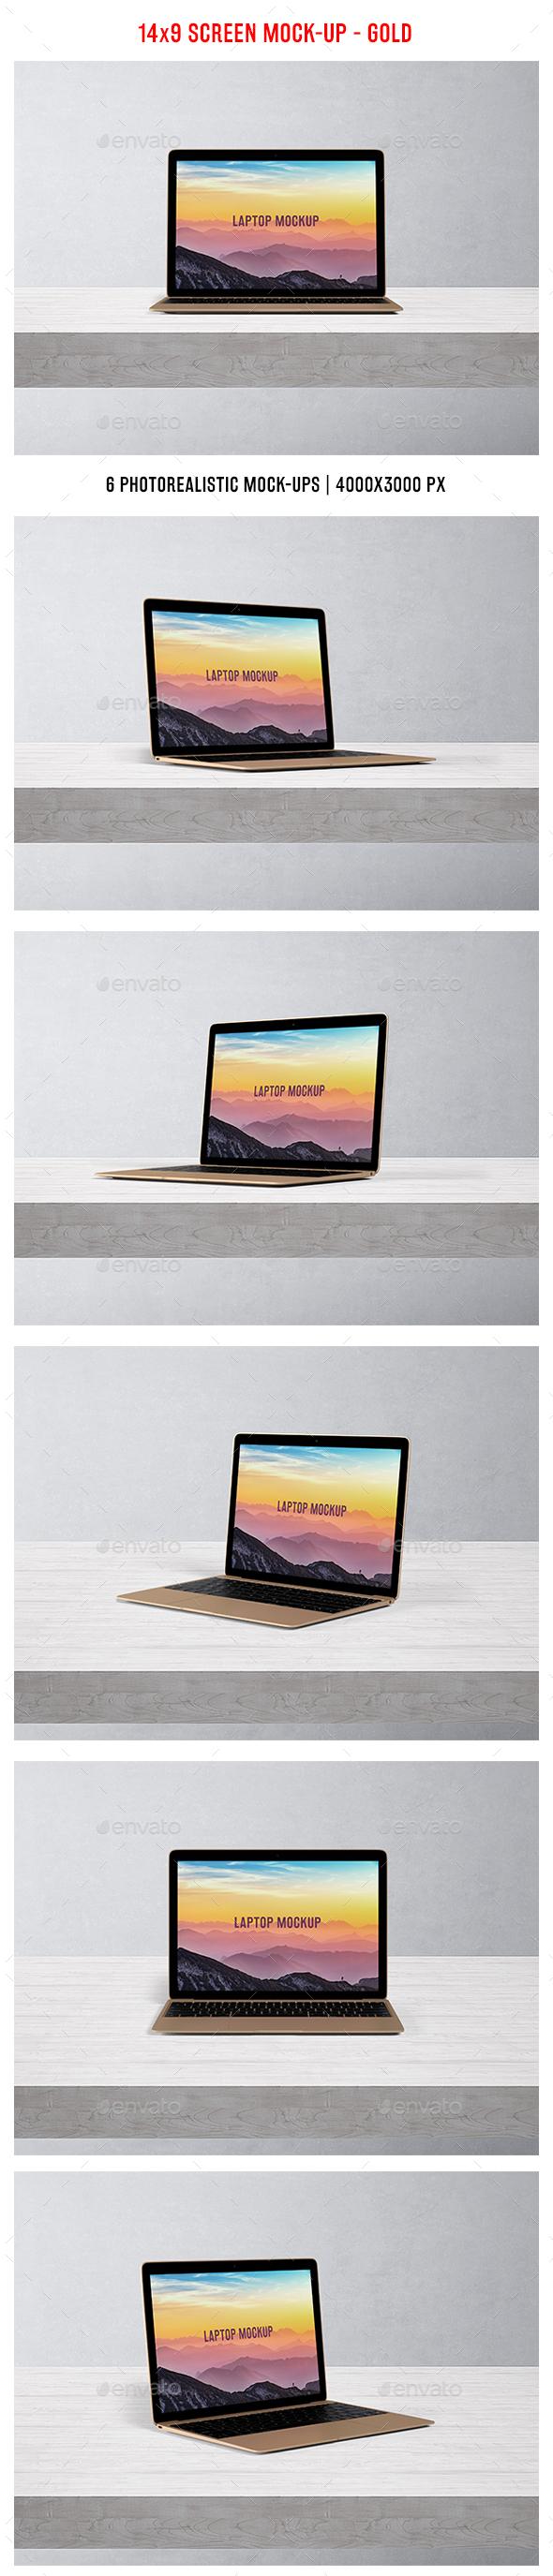 Laptop Mockup - Gold - Laptop Displays